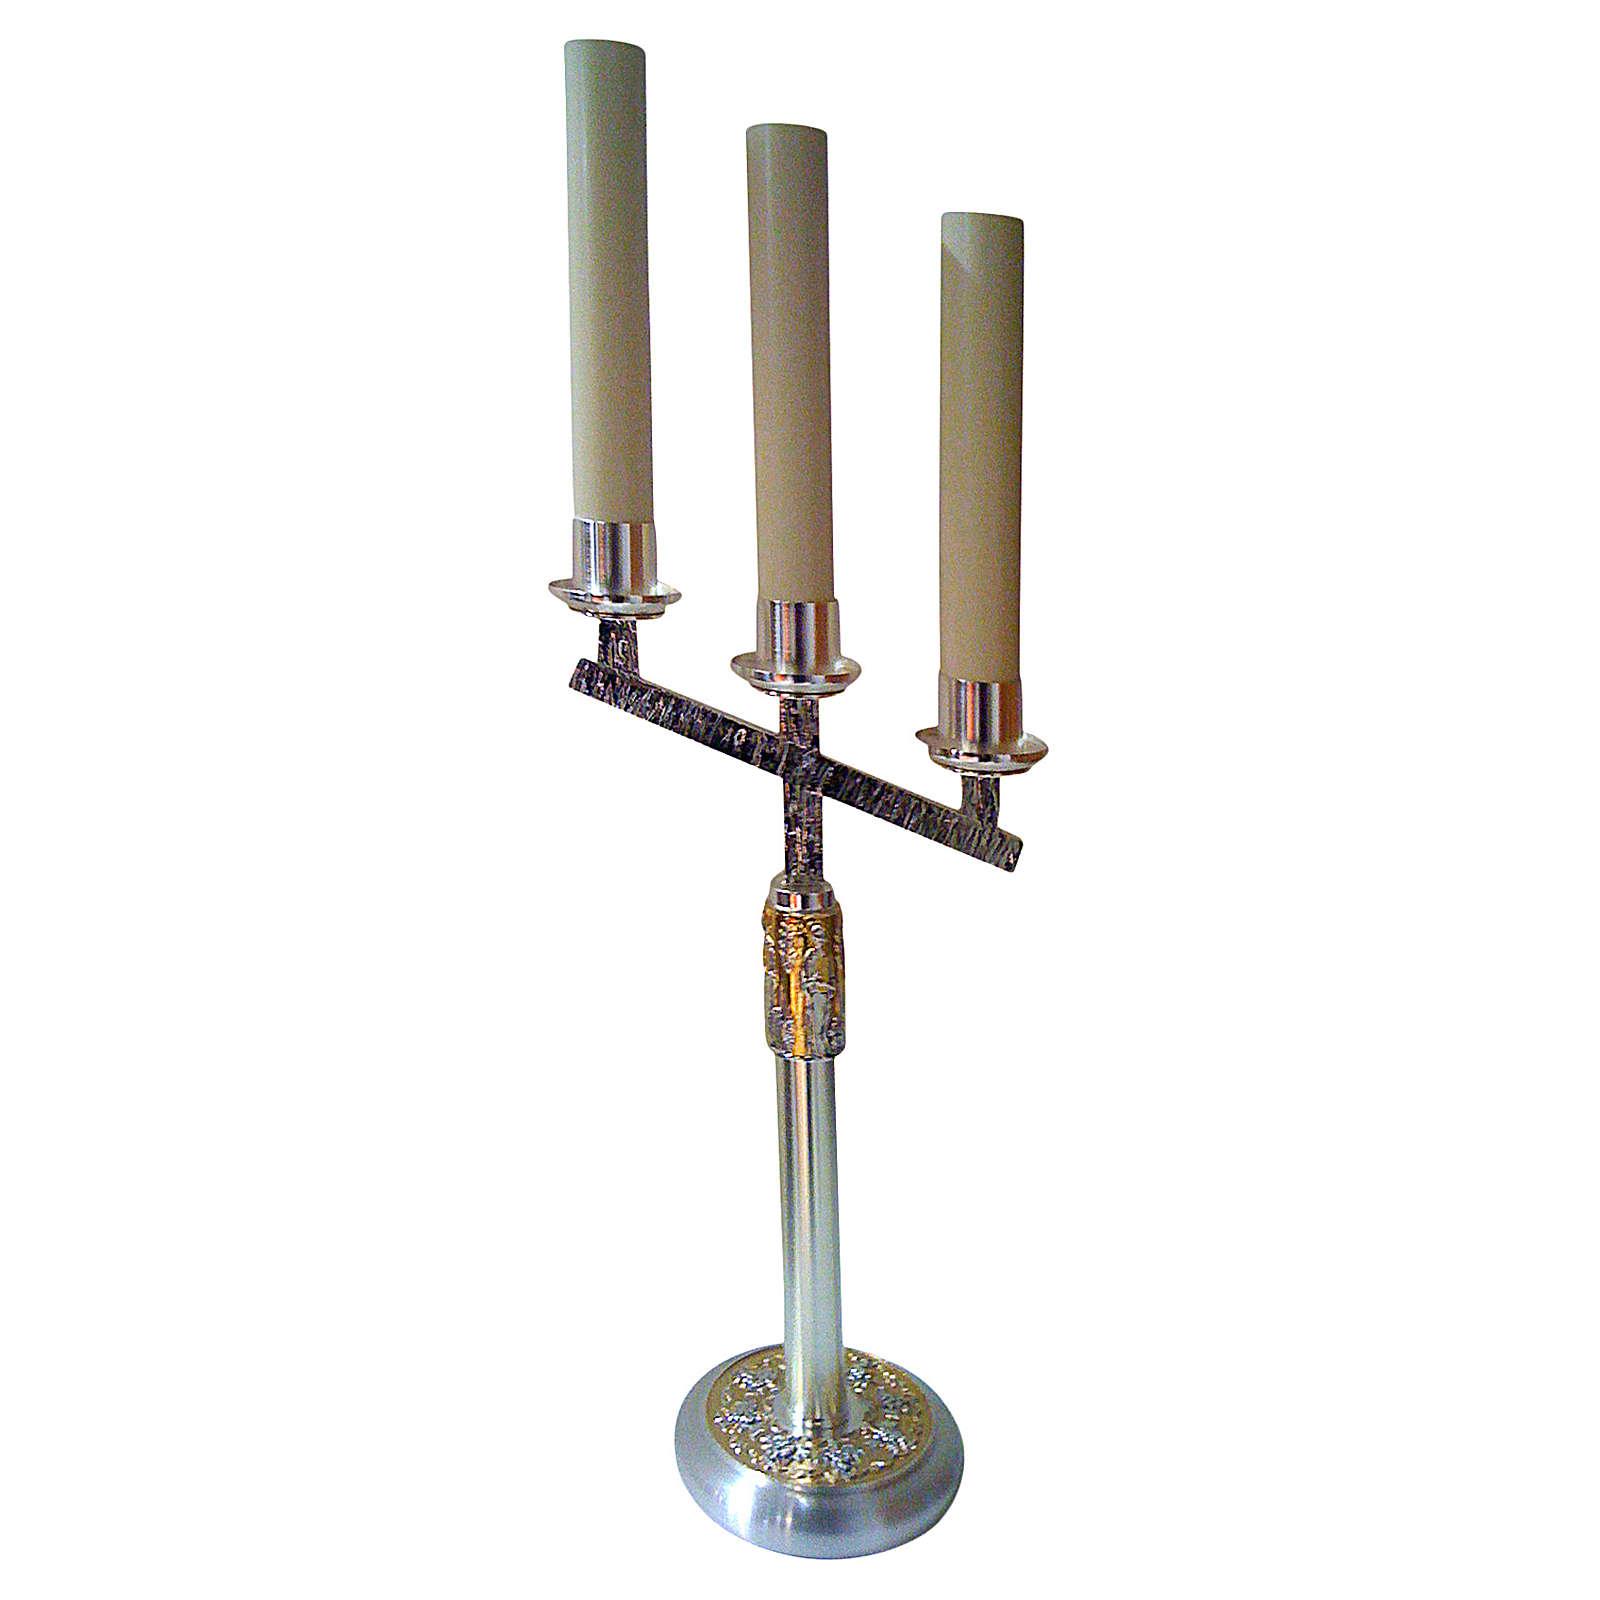 Candelabro 4 Evangelistas 3 bases bicolor latón fundido 60 cm 4